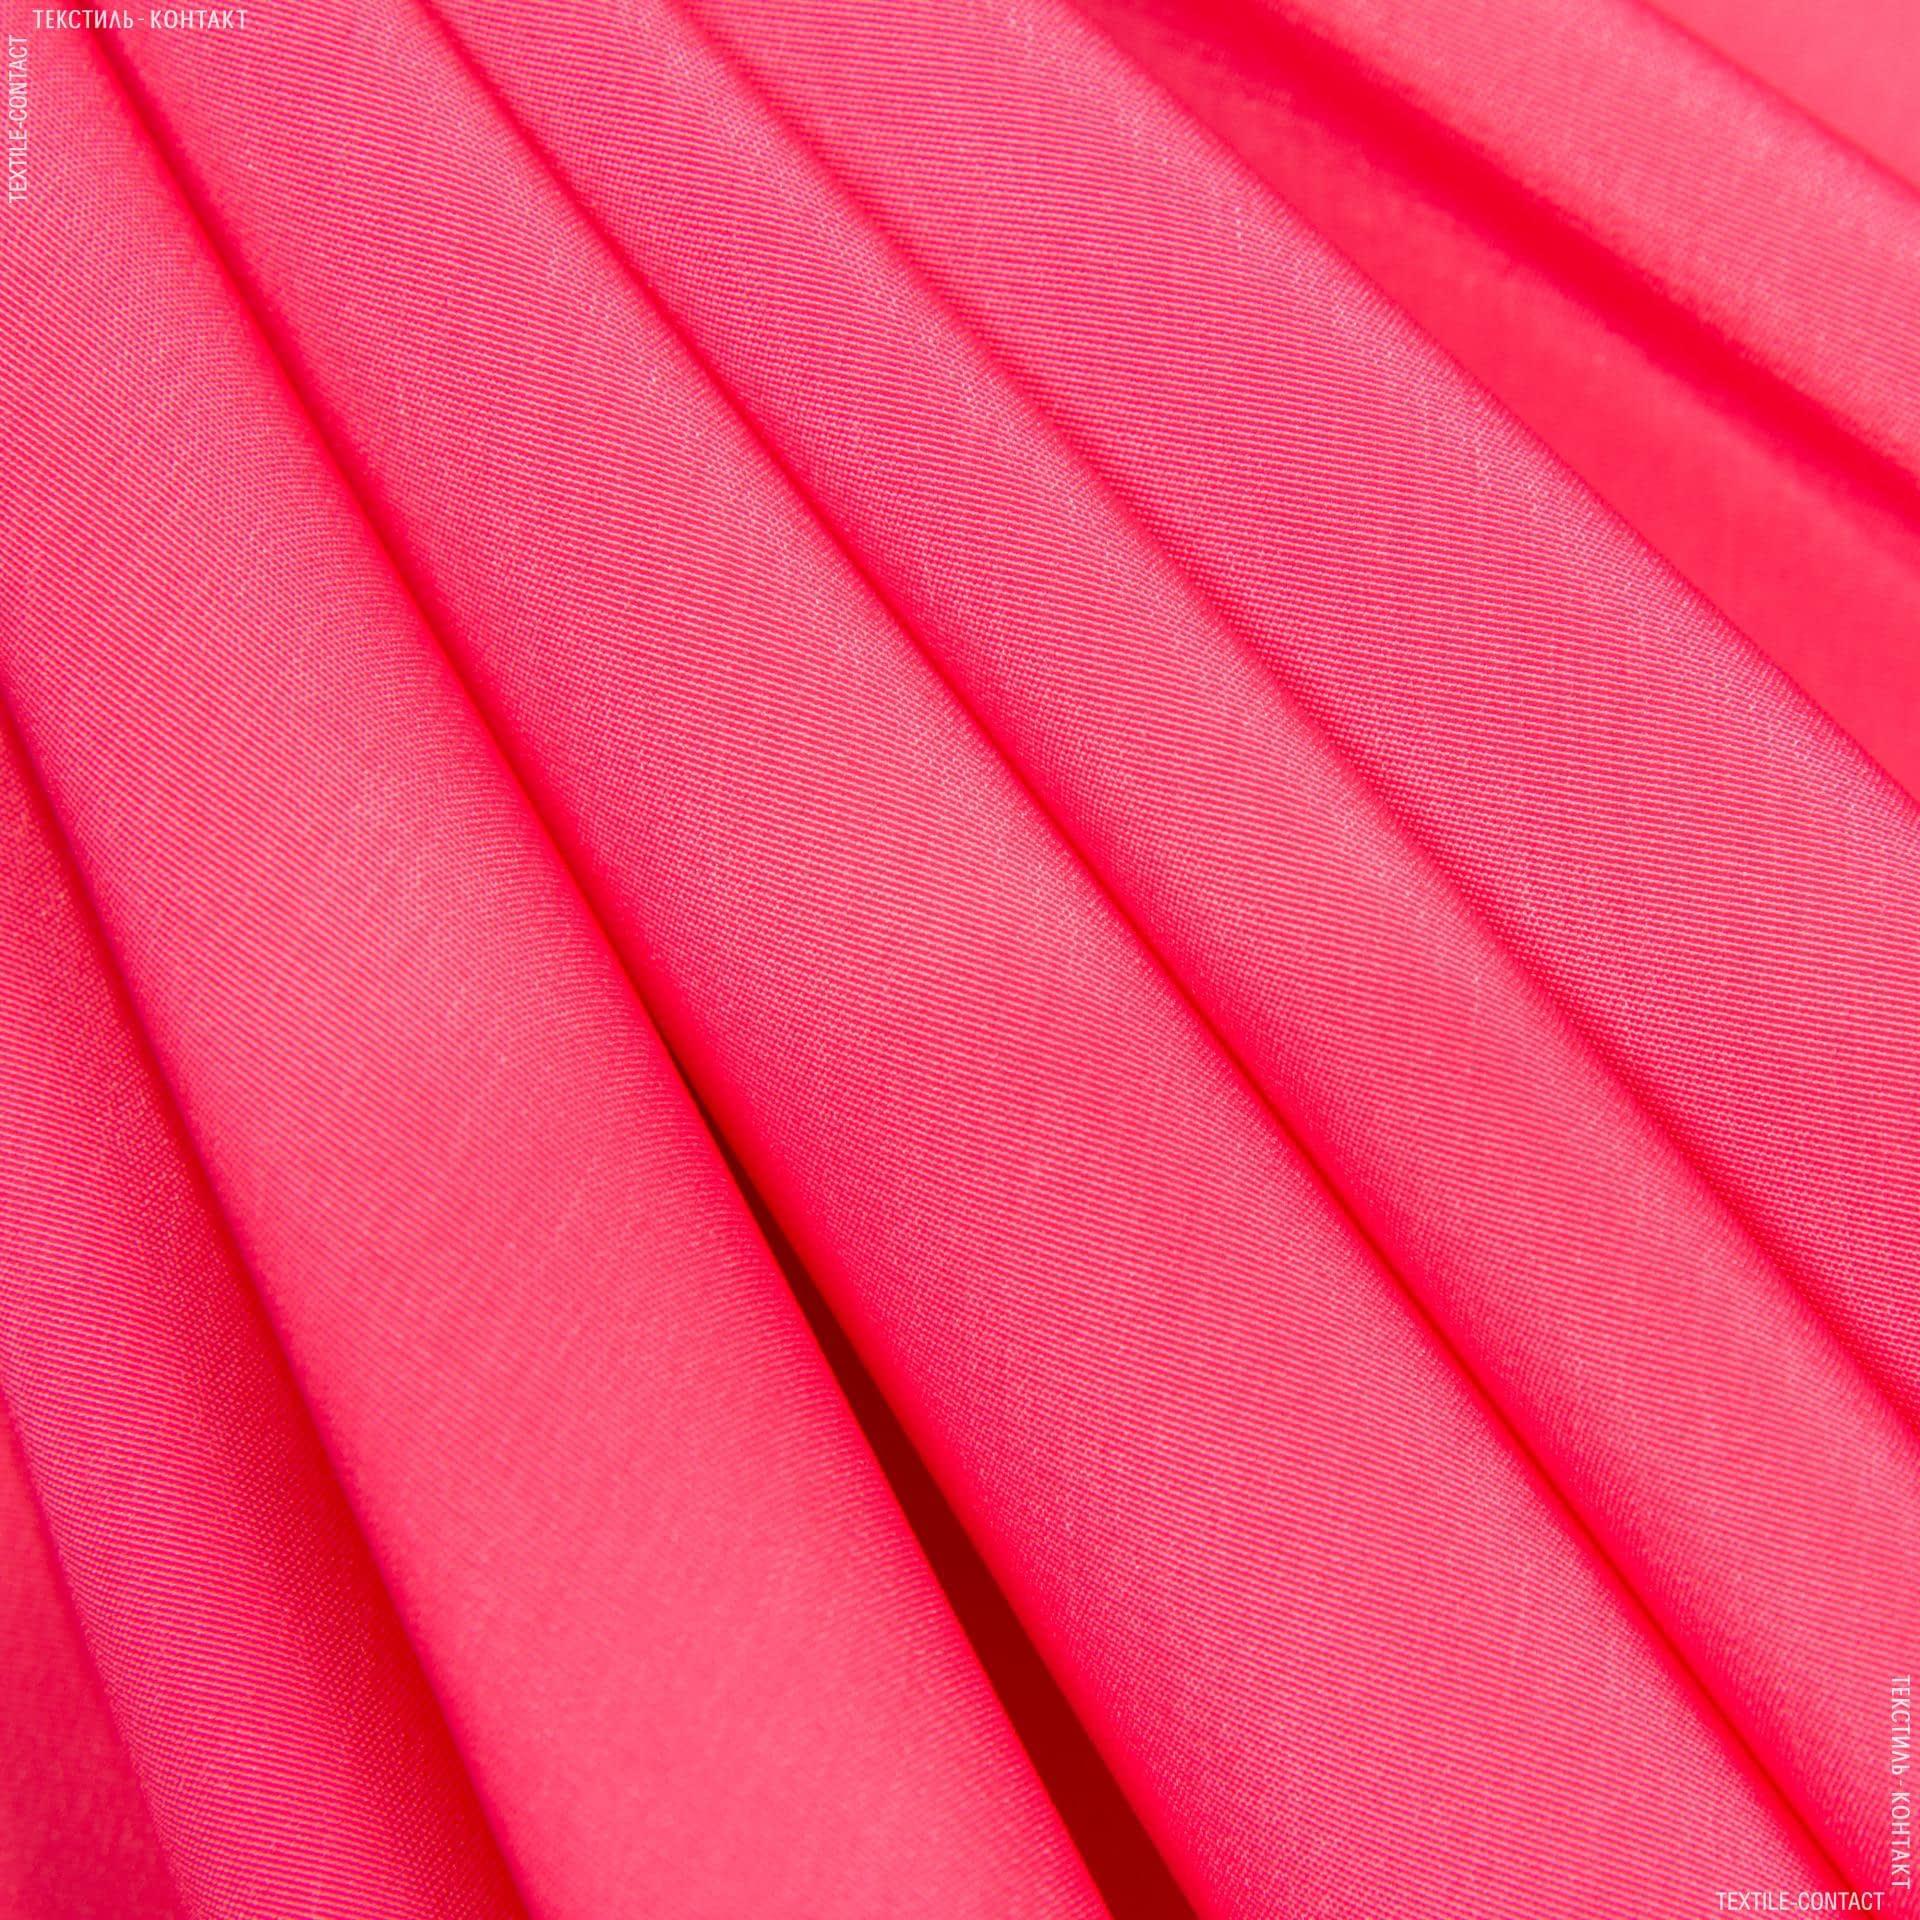 Тканини для штанів - Костюмний мокрий шовк яскраво-рожевий